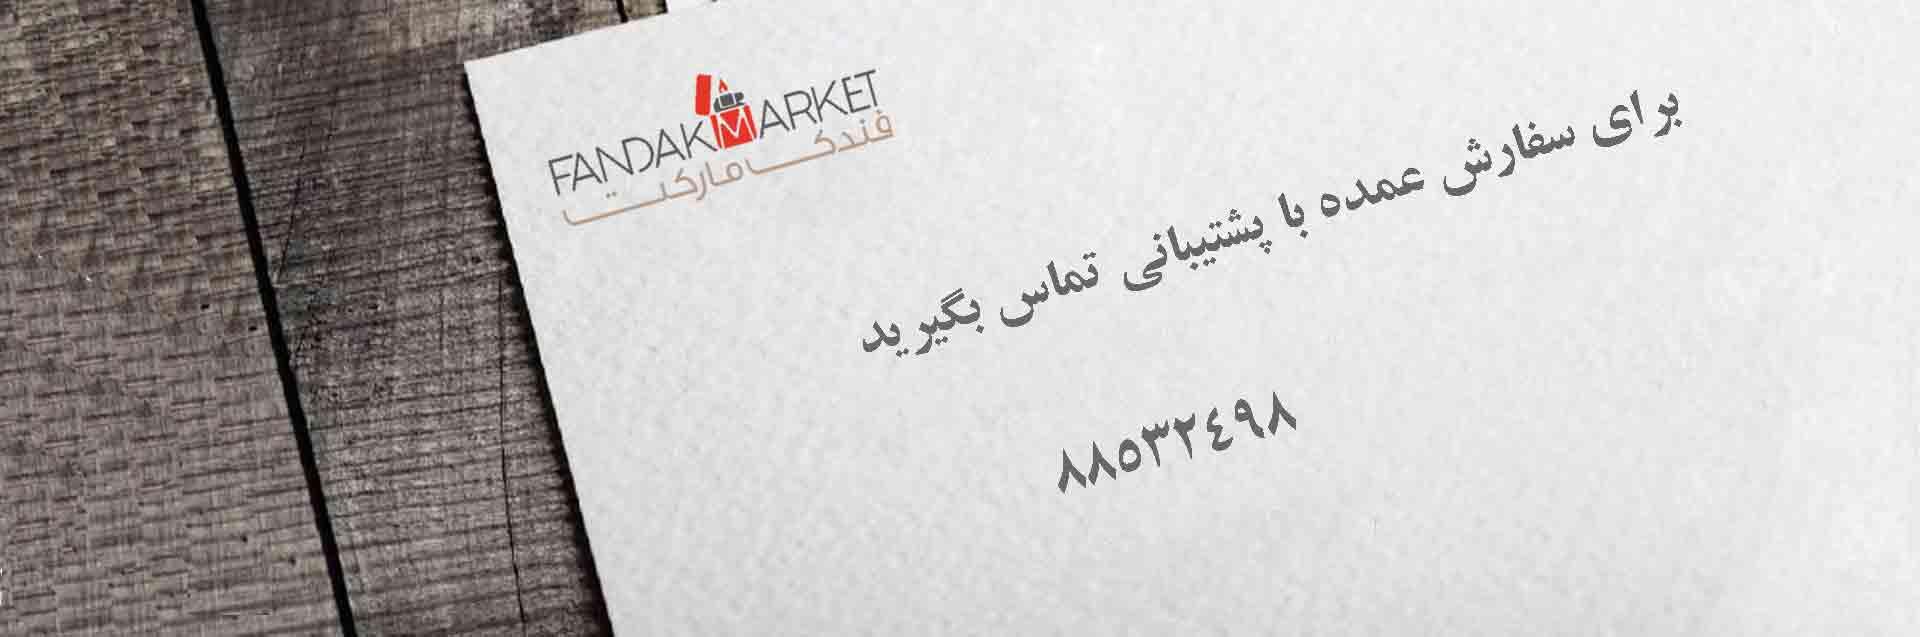 تماس با پشتیبانی فندک مارکت - فروشگاه اینترنتی فندک مارکت